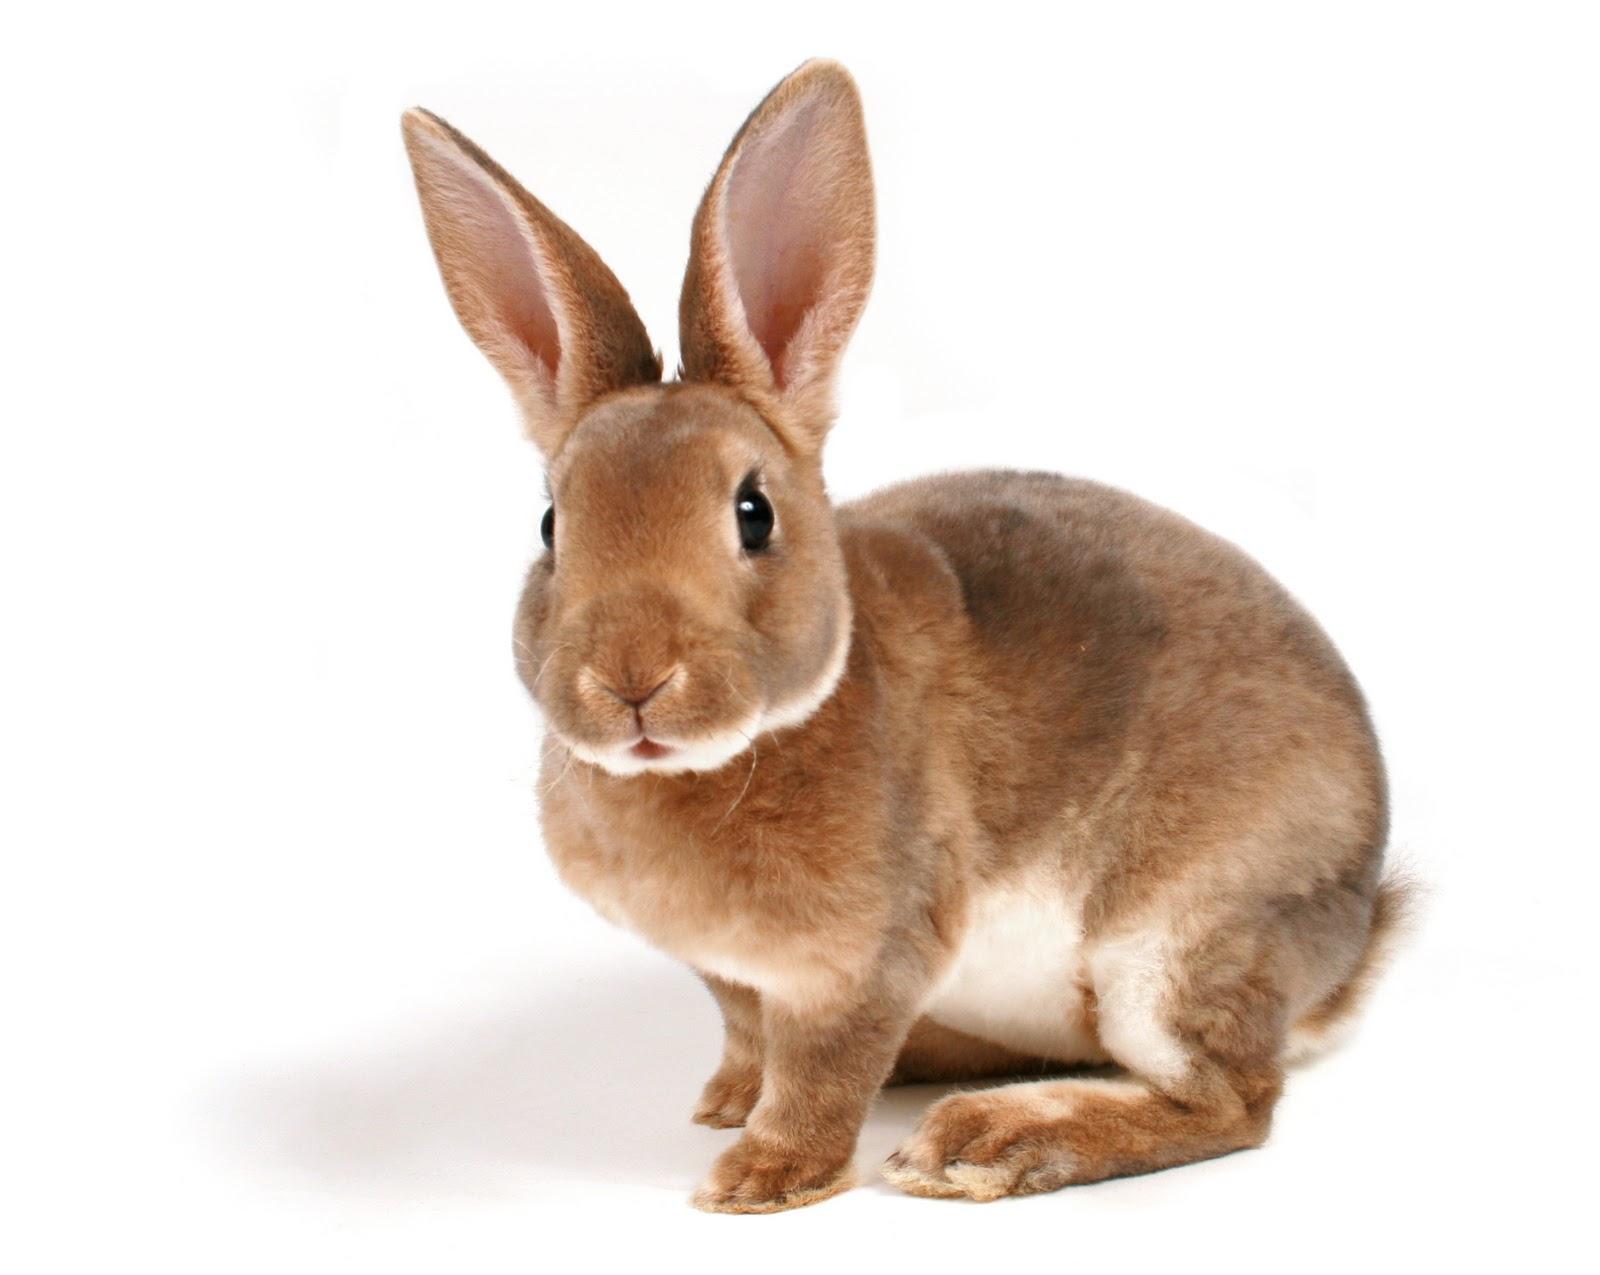 piruja significado mexico caras de conejos